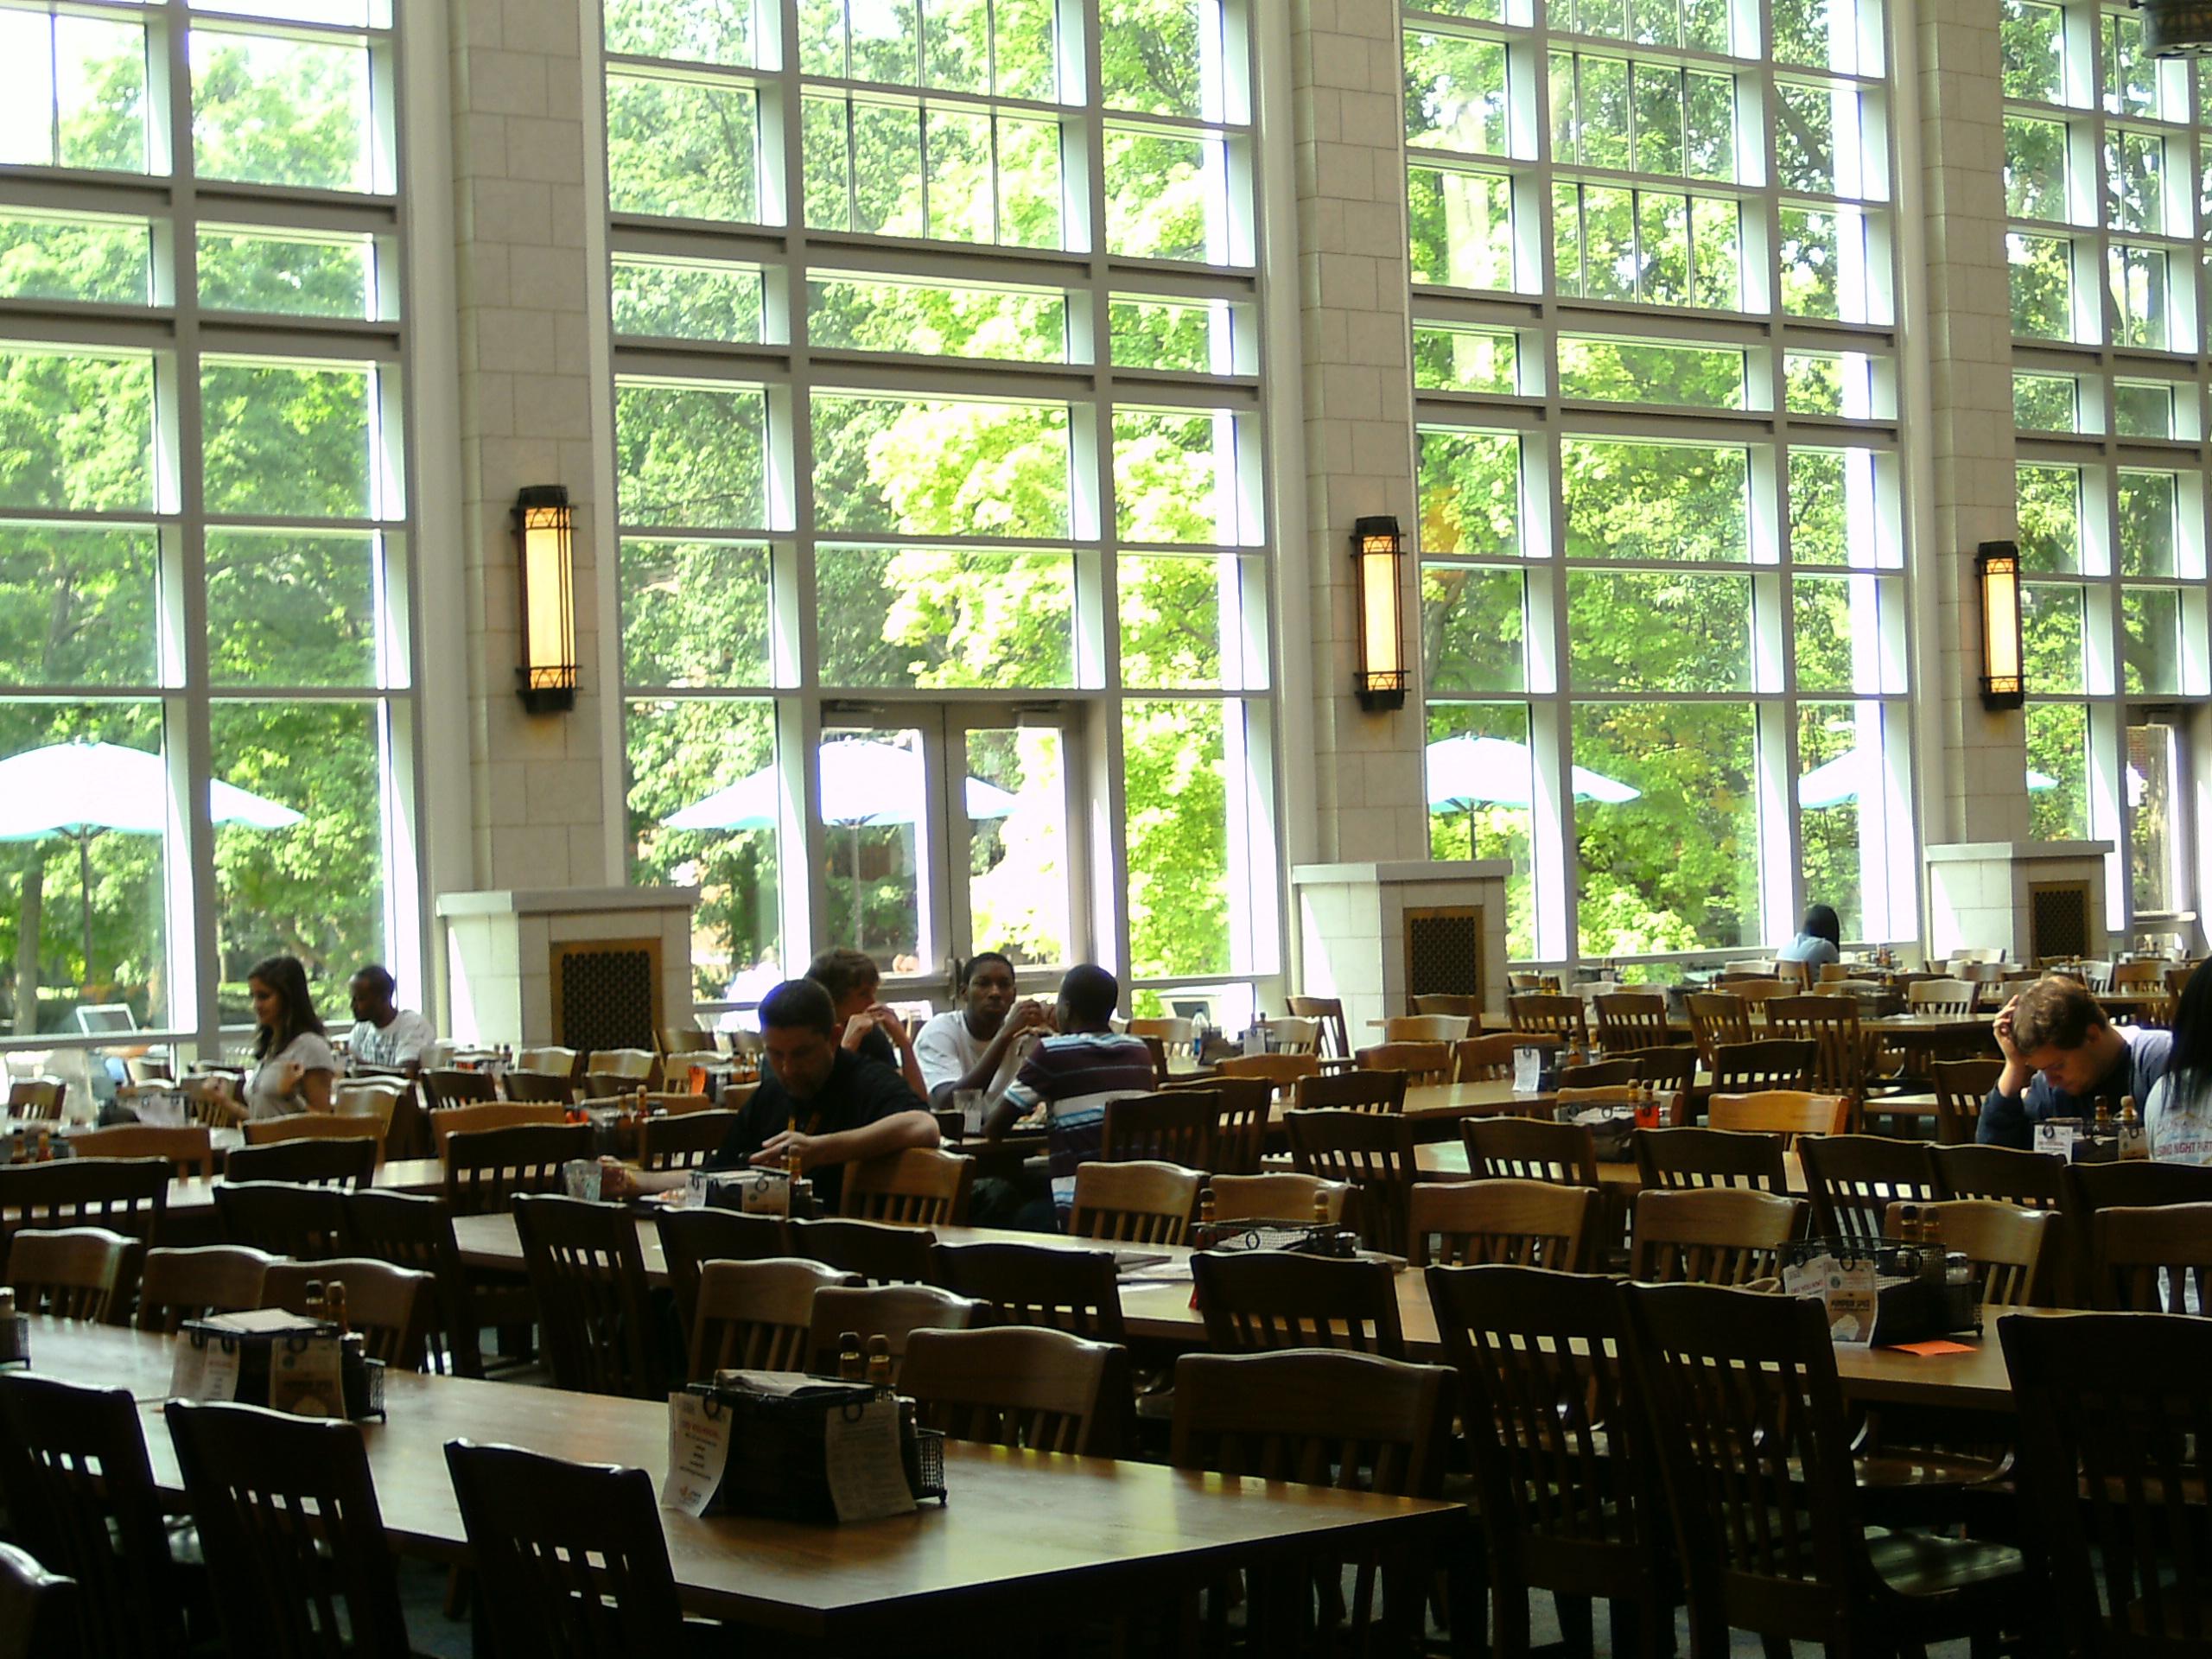 Como estudar na Universidade Vanderbilt com bolsa?